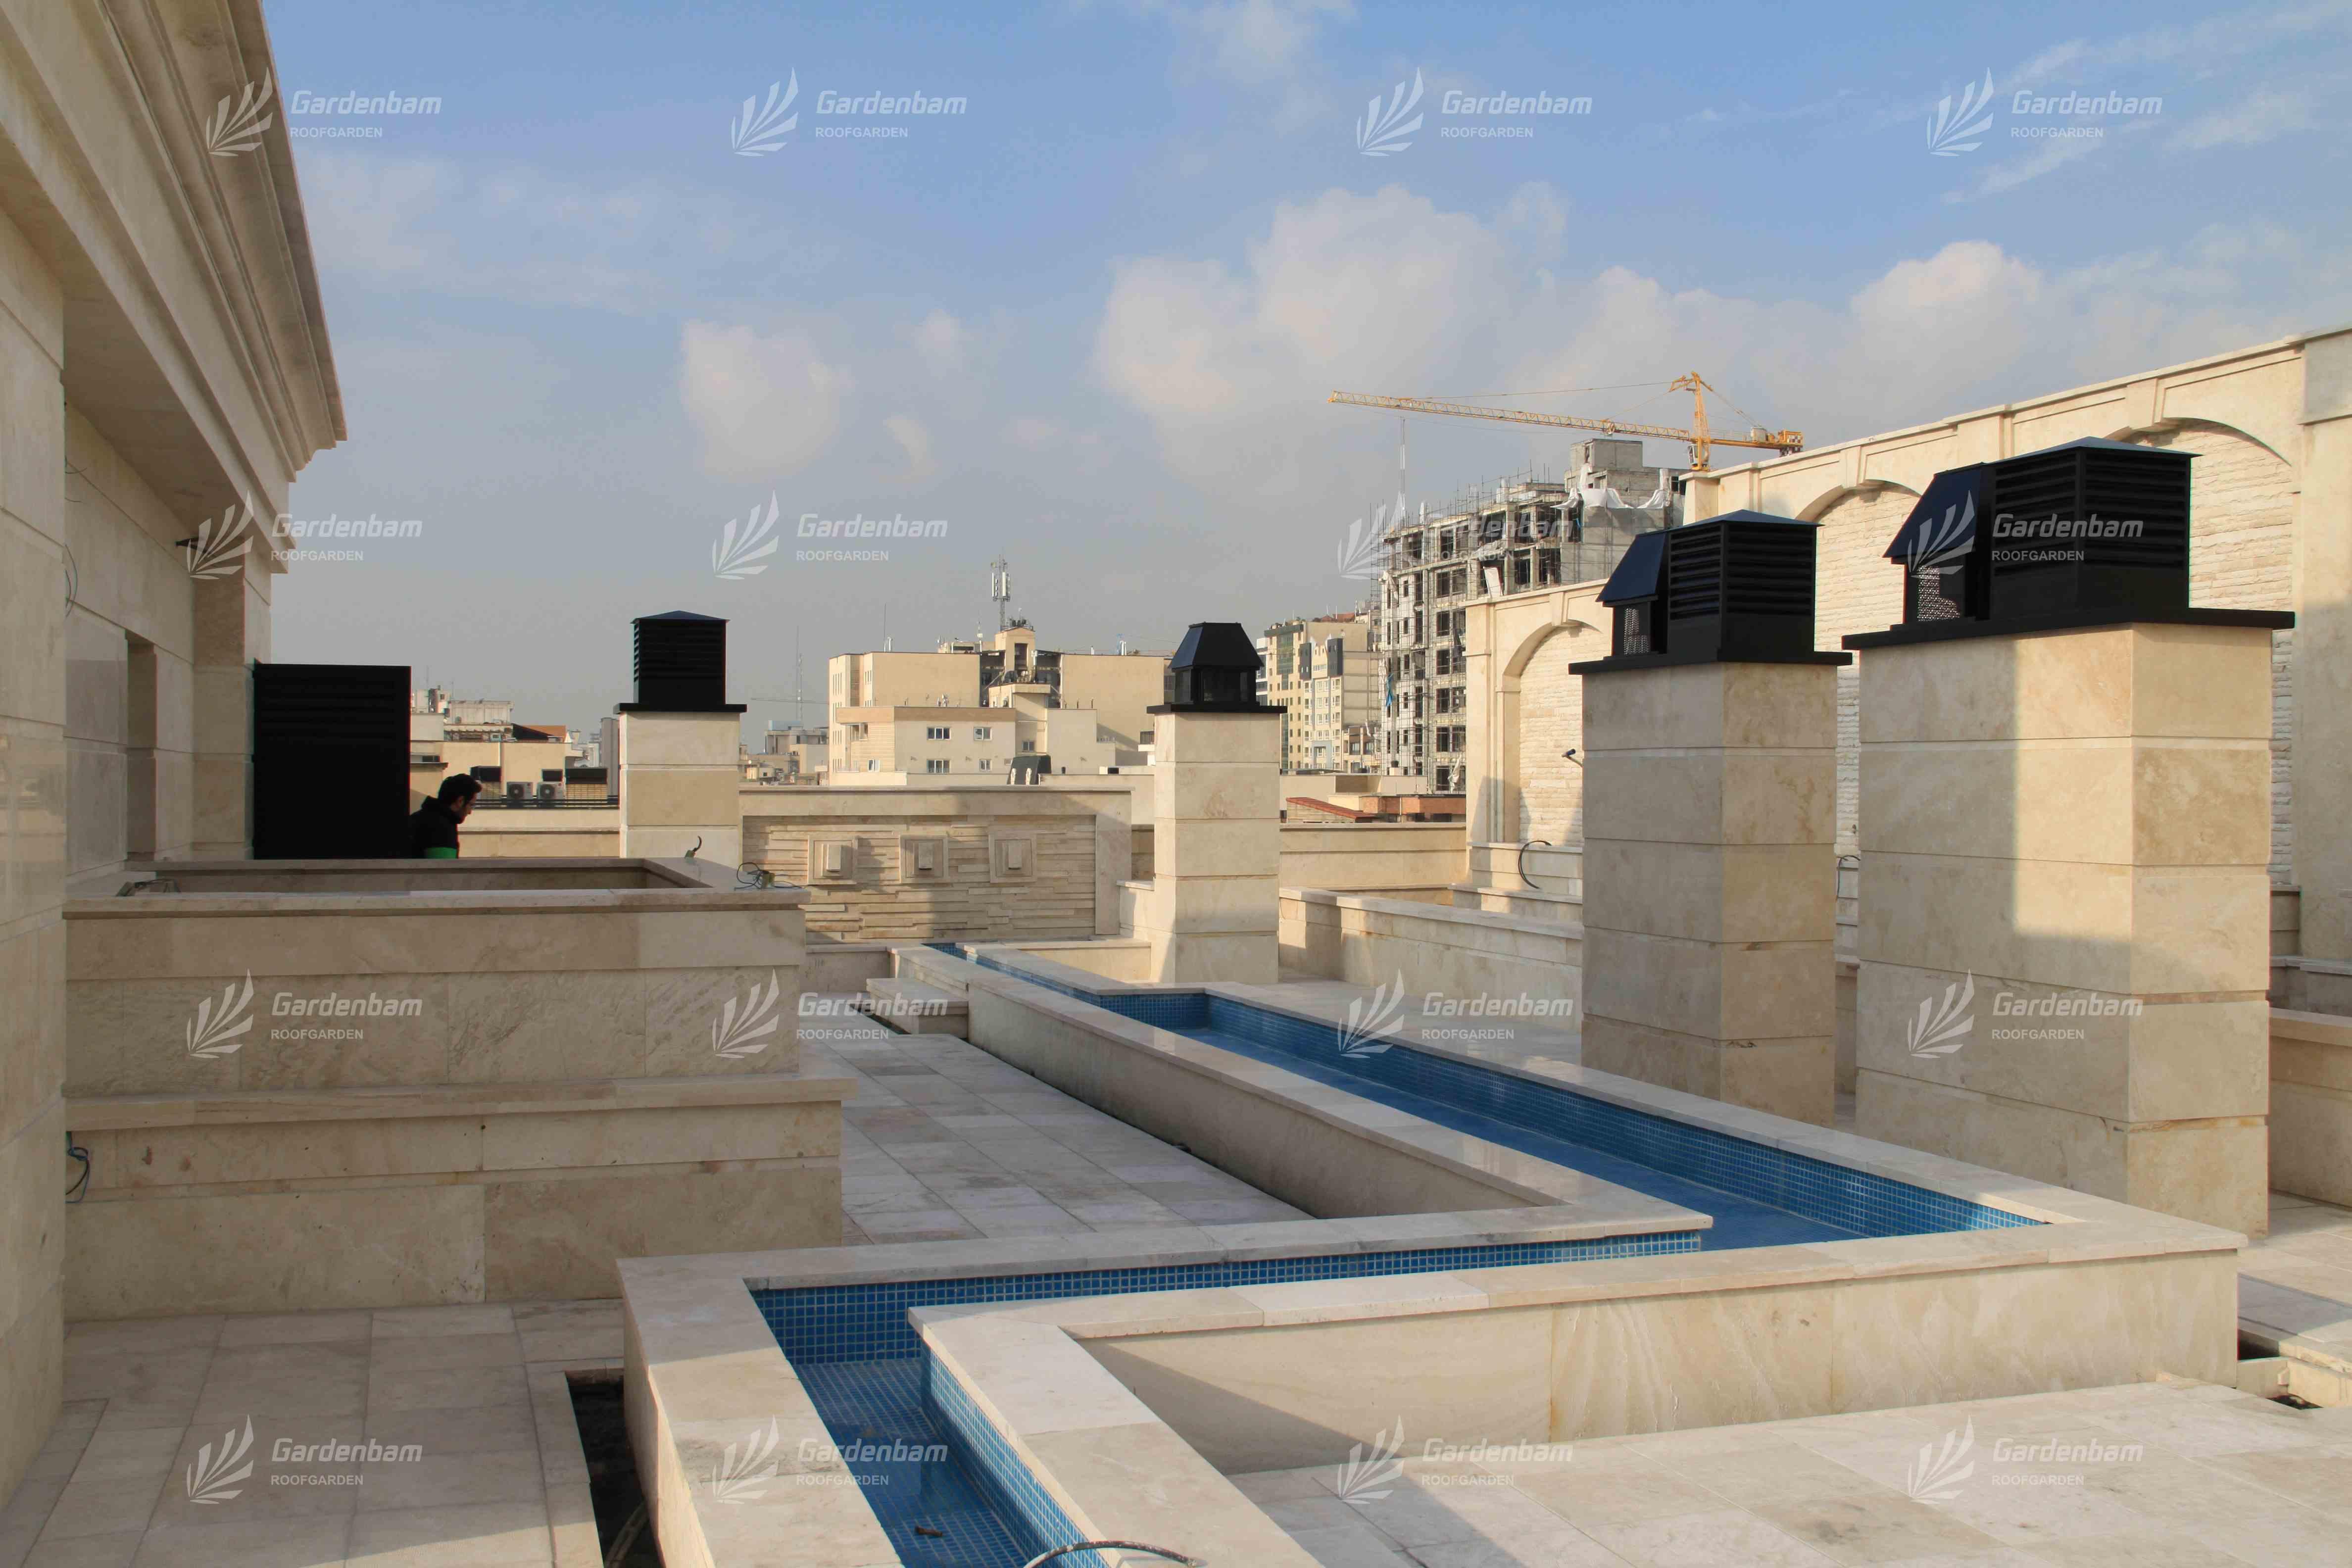 طراحی و اجرای آبنما و روف گاردن شرکت گاردن بام-سعادت آباد